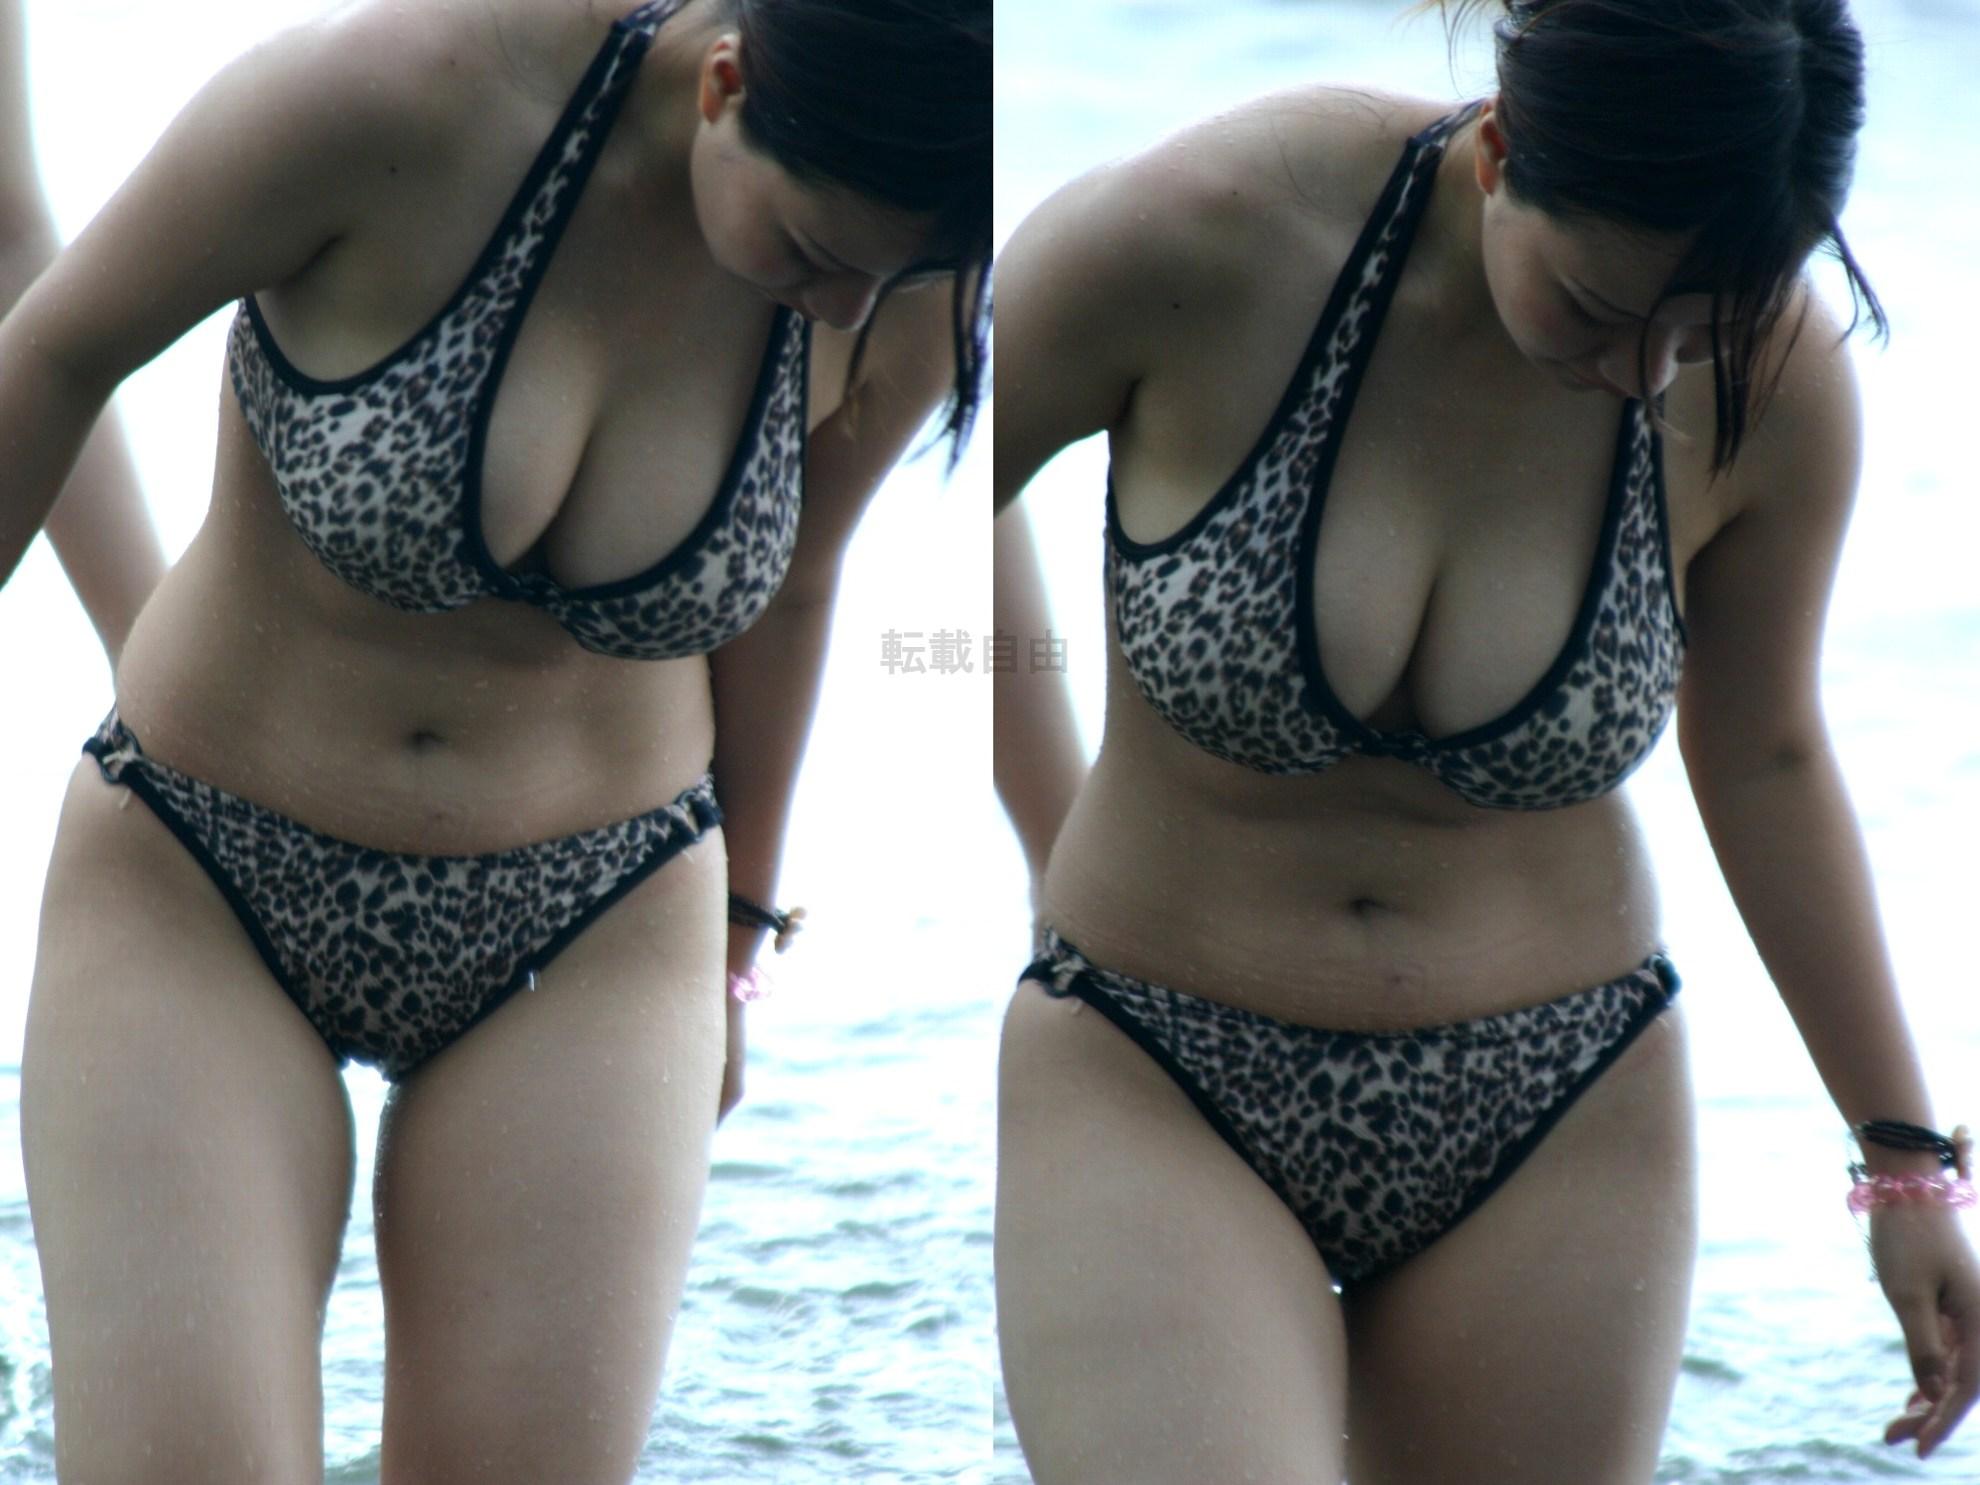 【水着エロ画像】あんな下着同然の布の奥に…ビーチに実った果実の如きビキニおっぱいwww 05